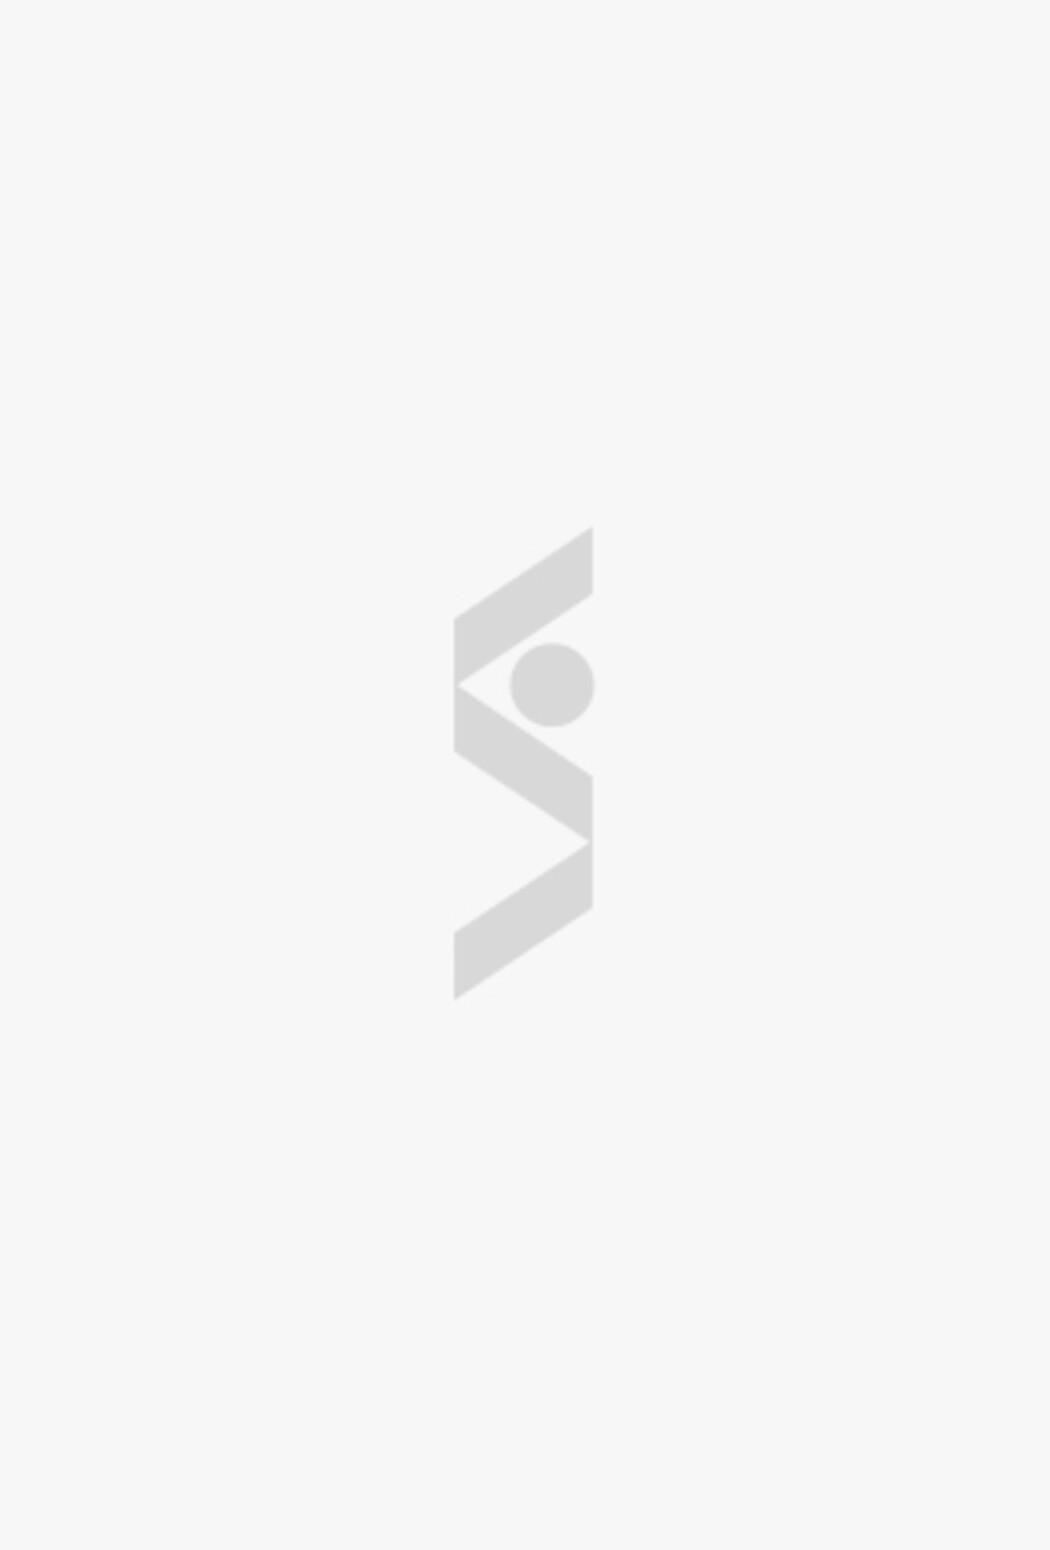 Толстовка на молнии Bodyguard - цена 3990 ₽ купить в интернет-магазине СТОКМАНН в Москве